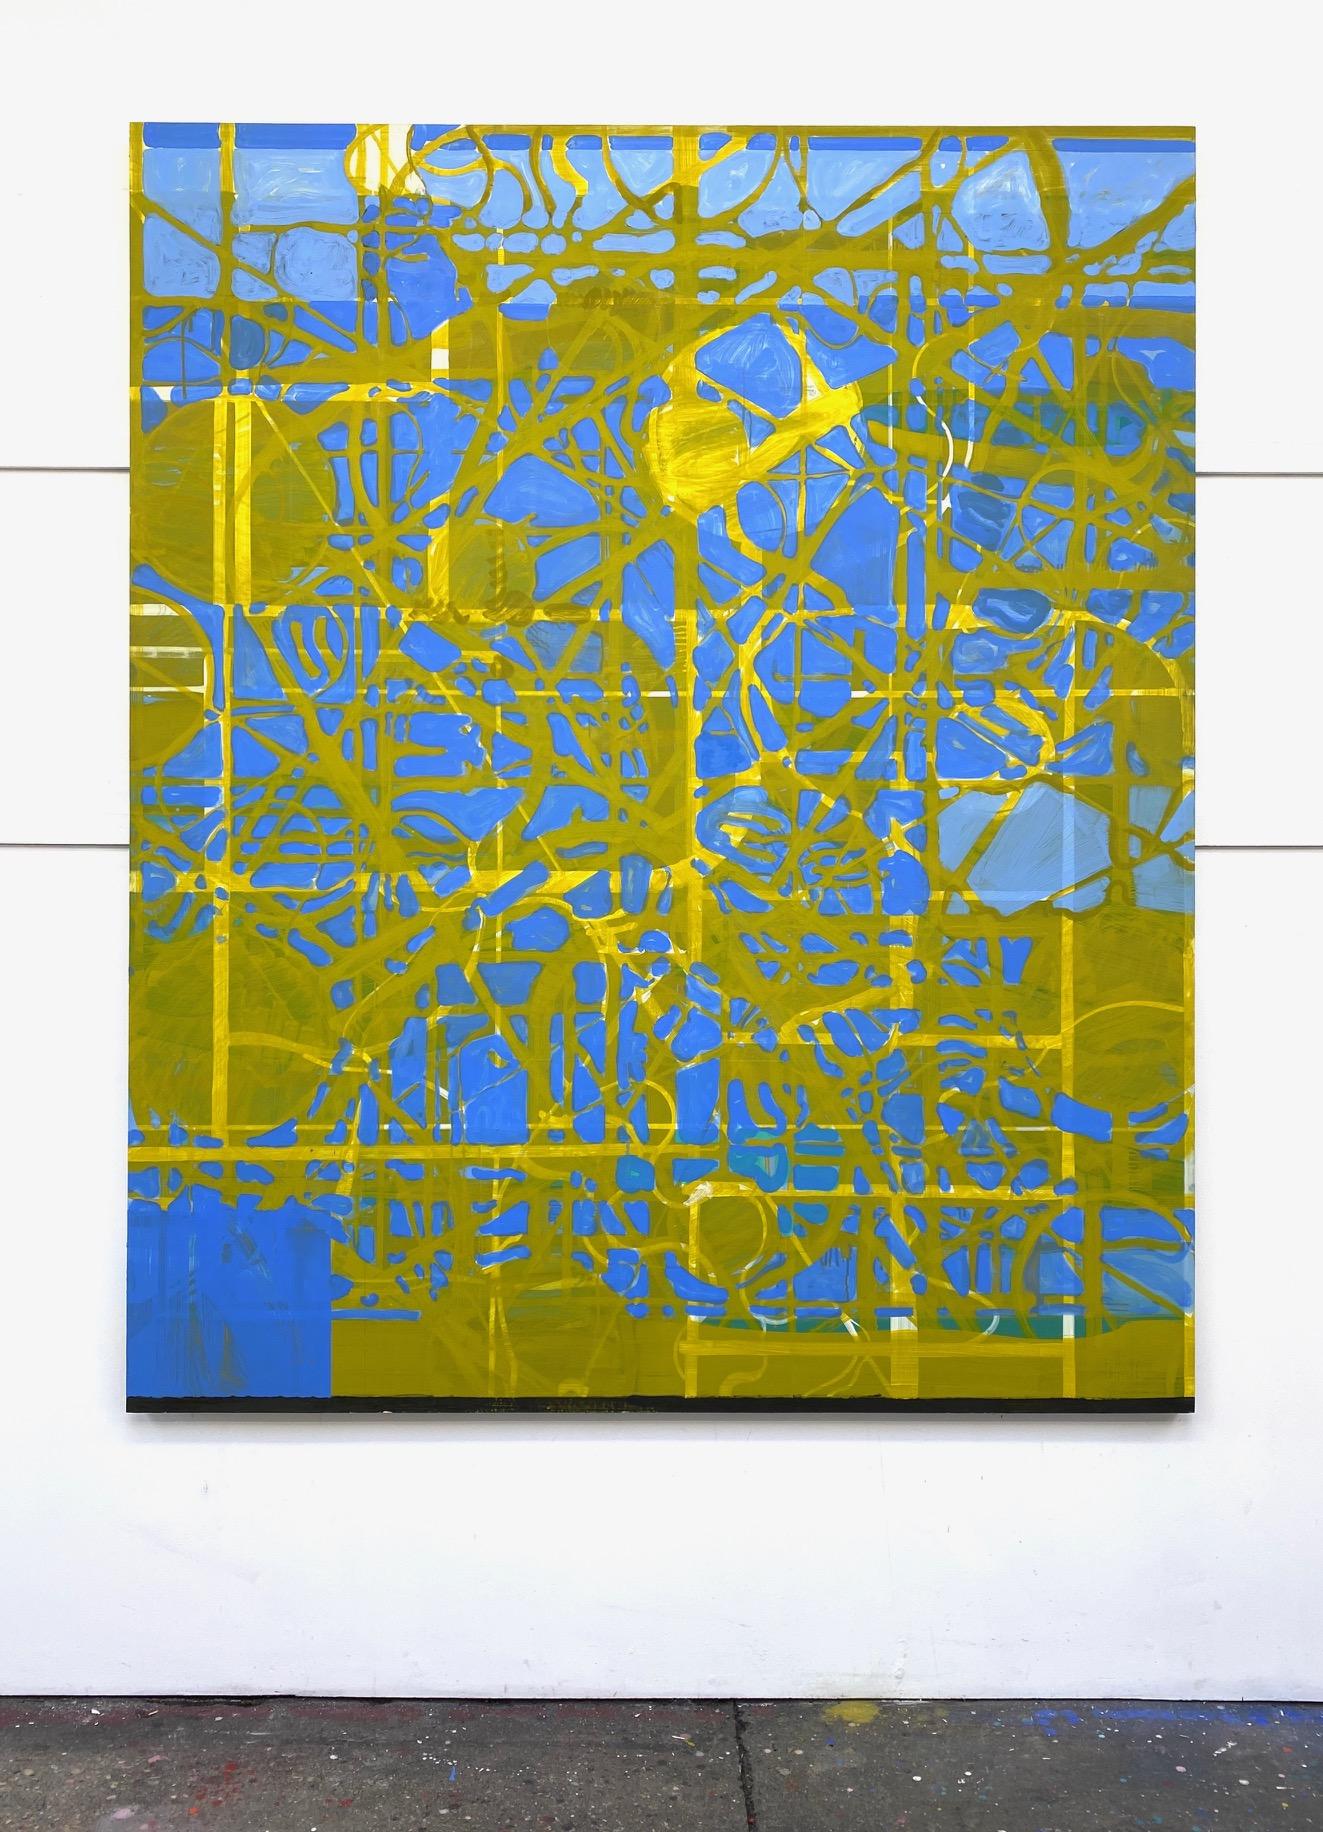 Gatescape, 2019 Matthew Burrows Huile sur panneau, 180 x 150 cm